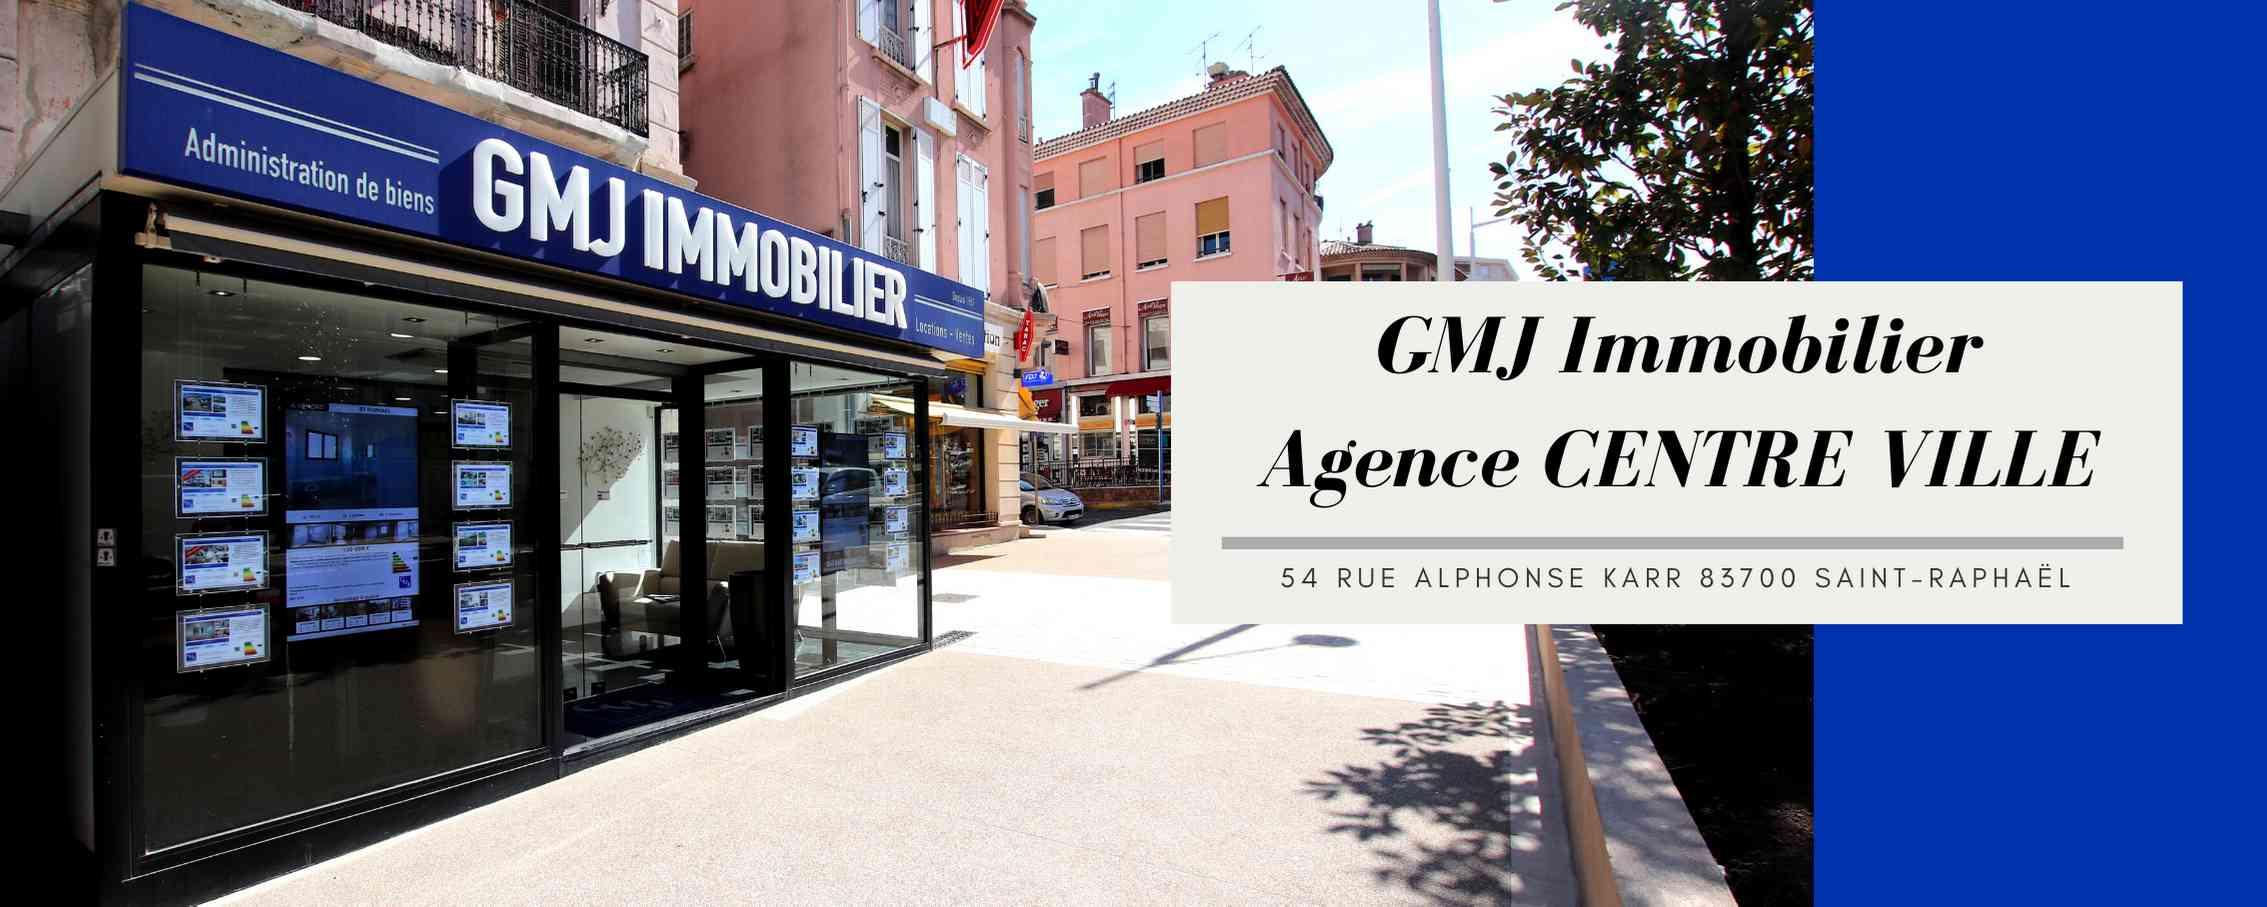 GMJ Immobilier | Saint-Raphaël France | 360 3D VR tours